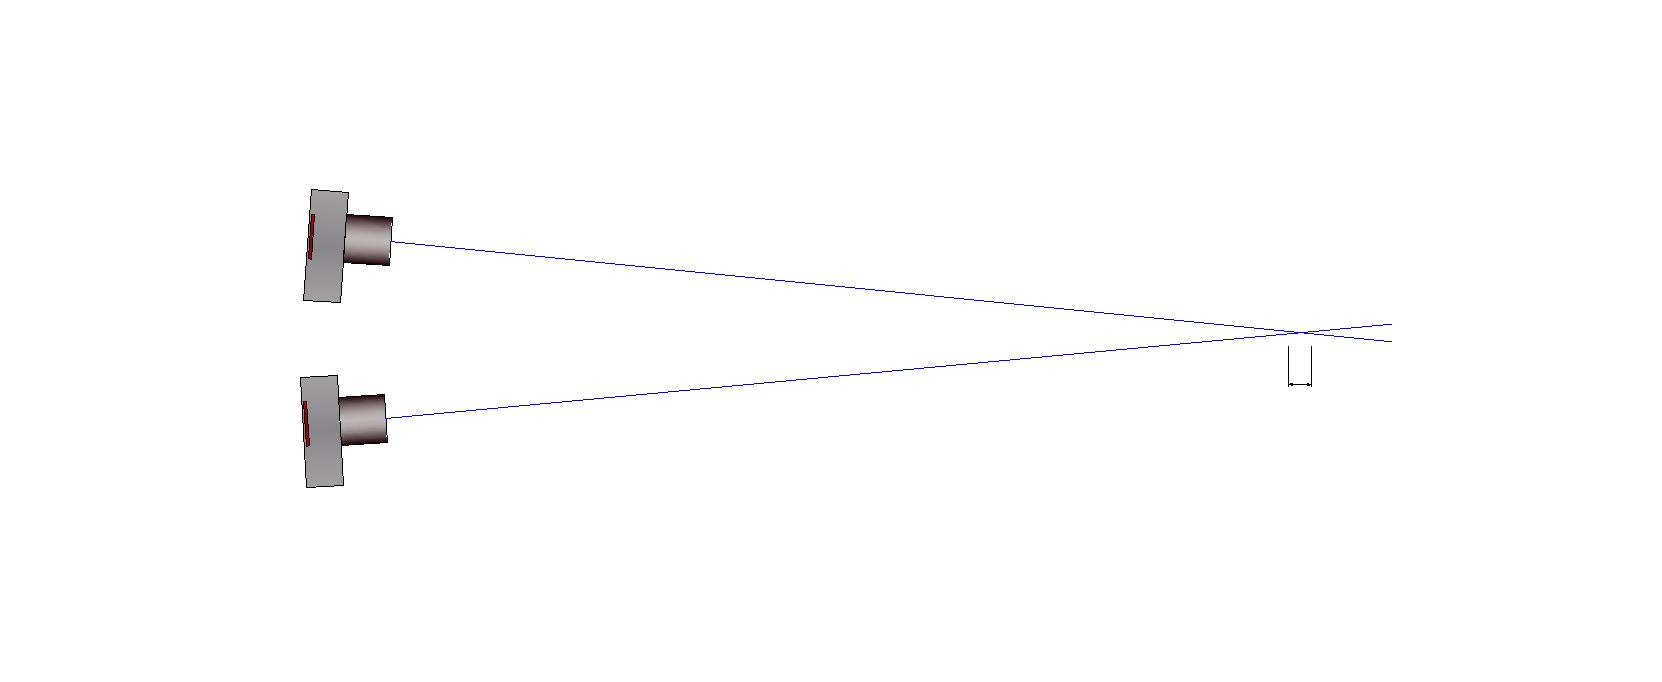 Strahlenschnitt zweier Bildmessungen